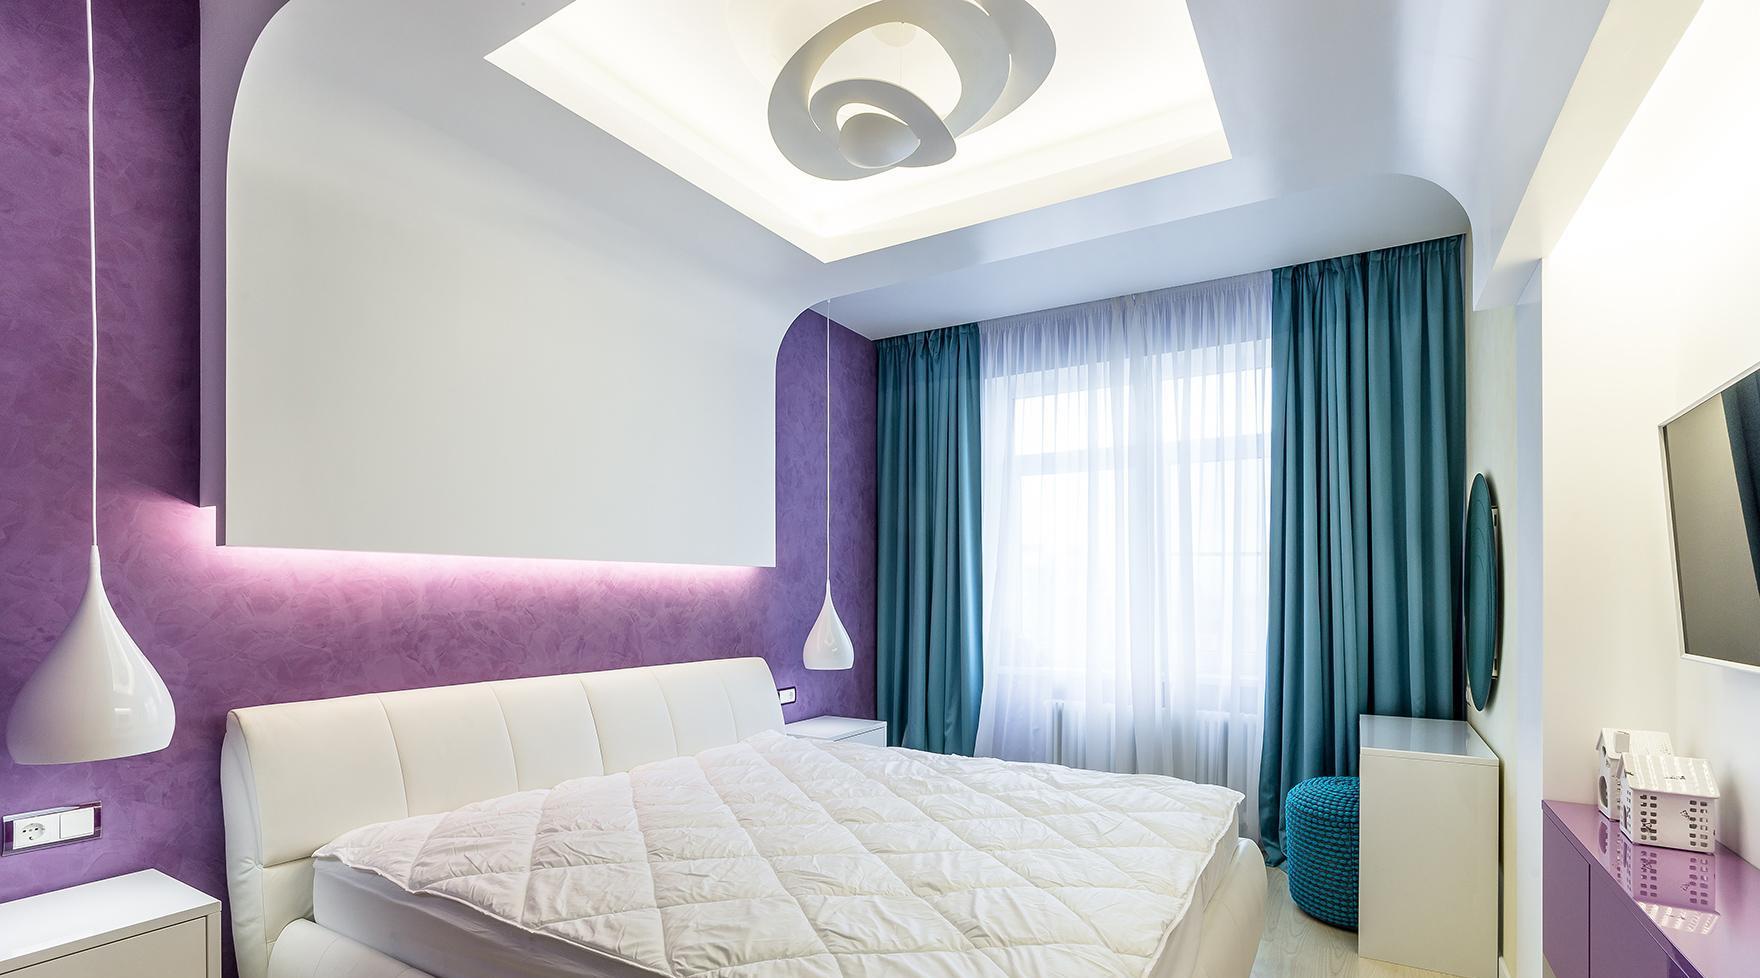 Бело-фиолетовая спальня с изумрудными шторами